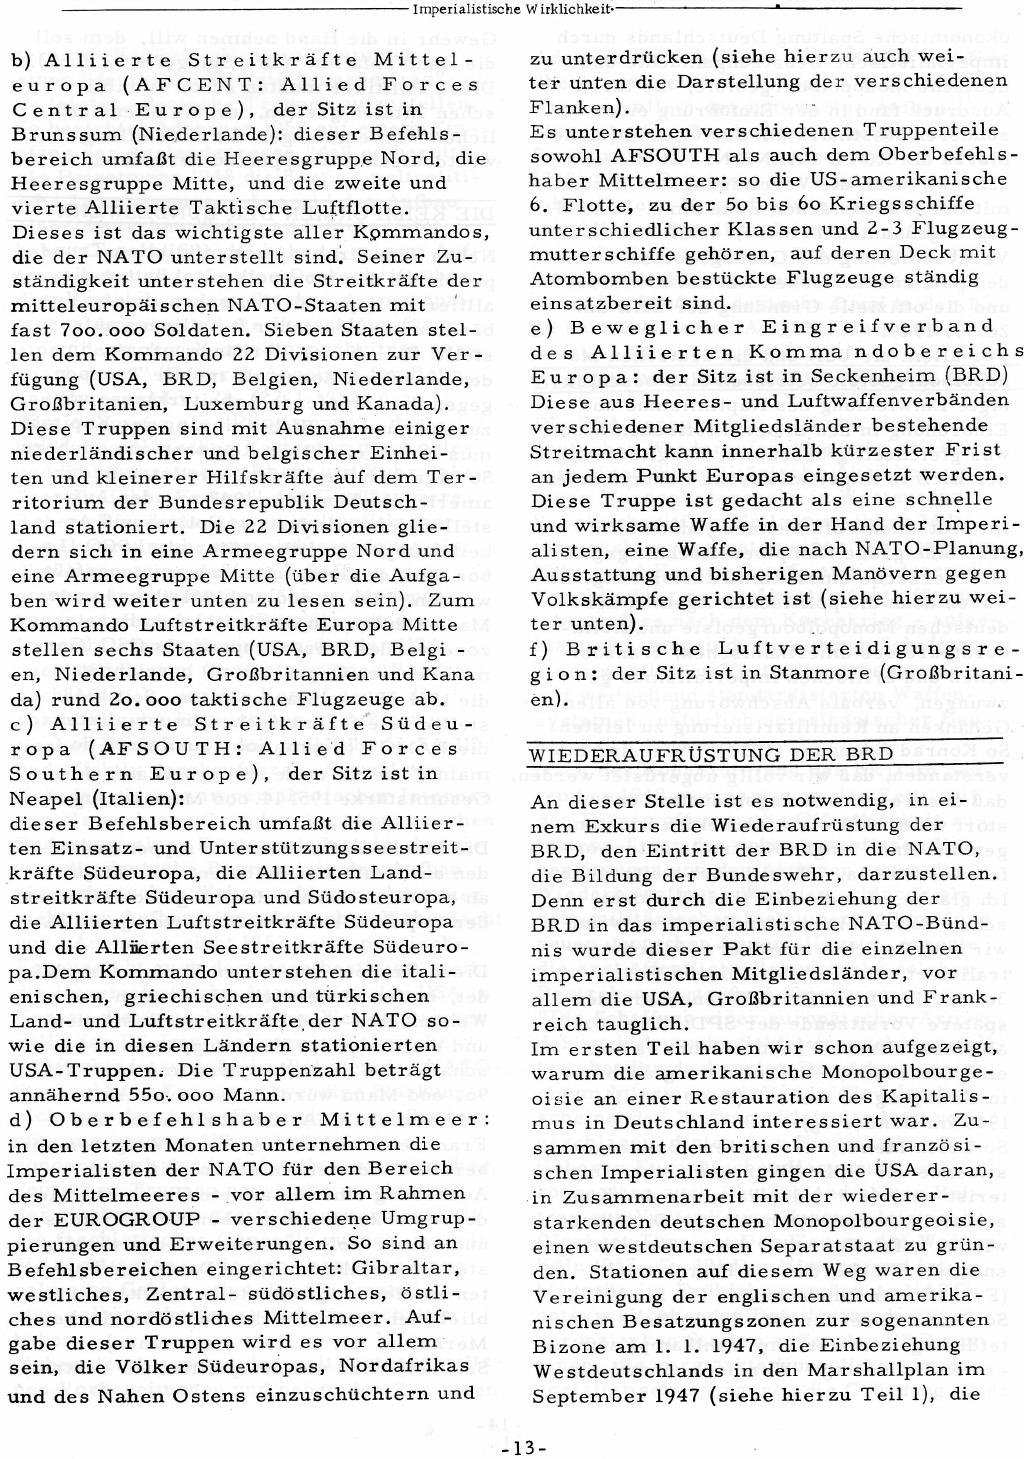 RPK_1973_035_13